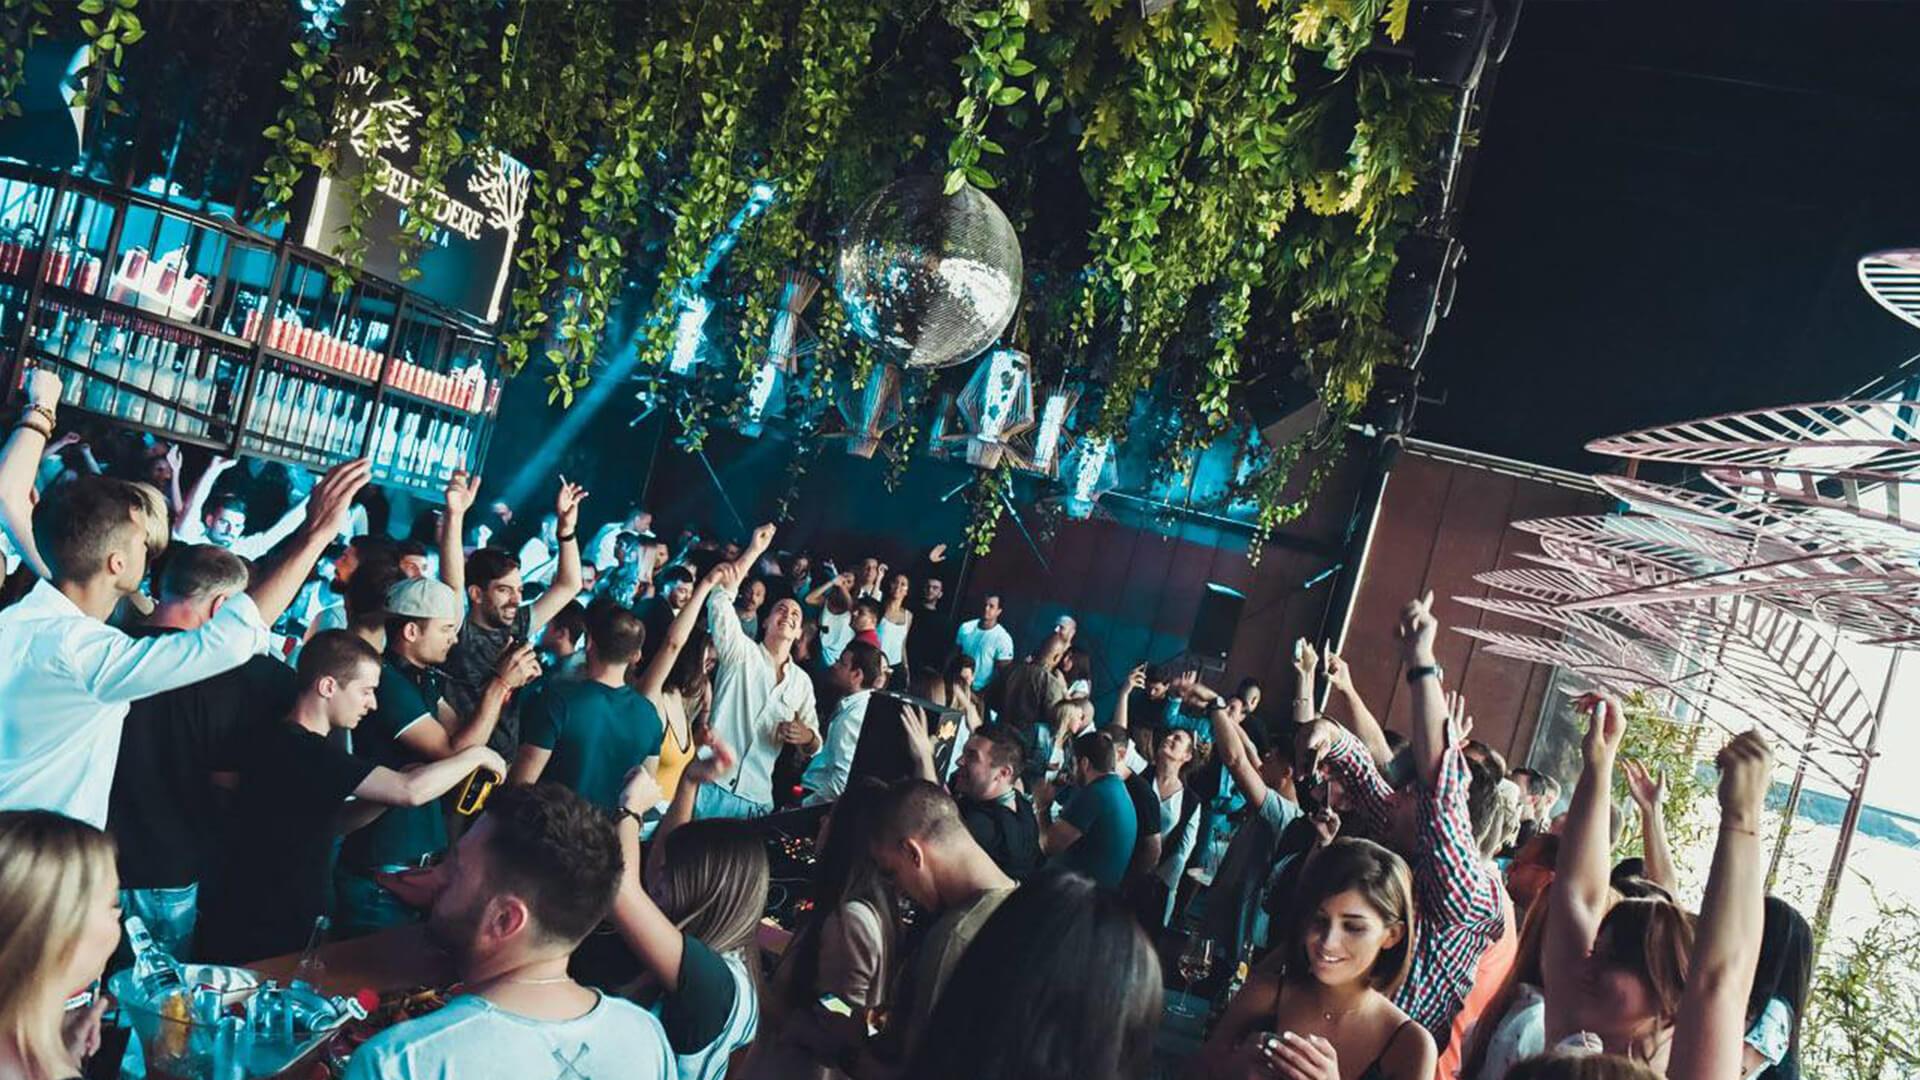 Sjajni nastupi DJ-eva na Splavu Leto